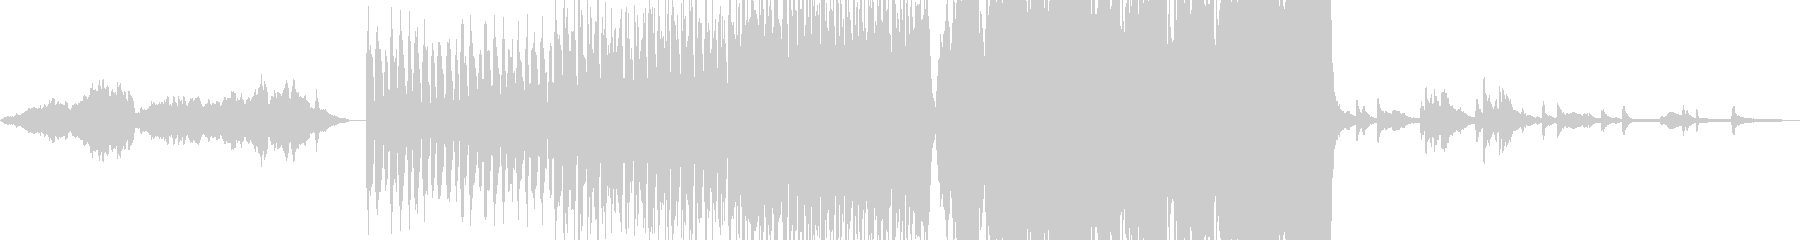 マイナー調の重厚なオーケストラの未再生の波形